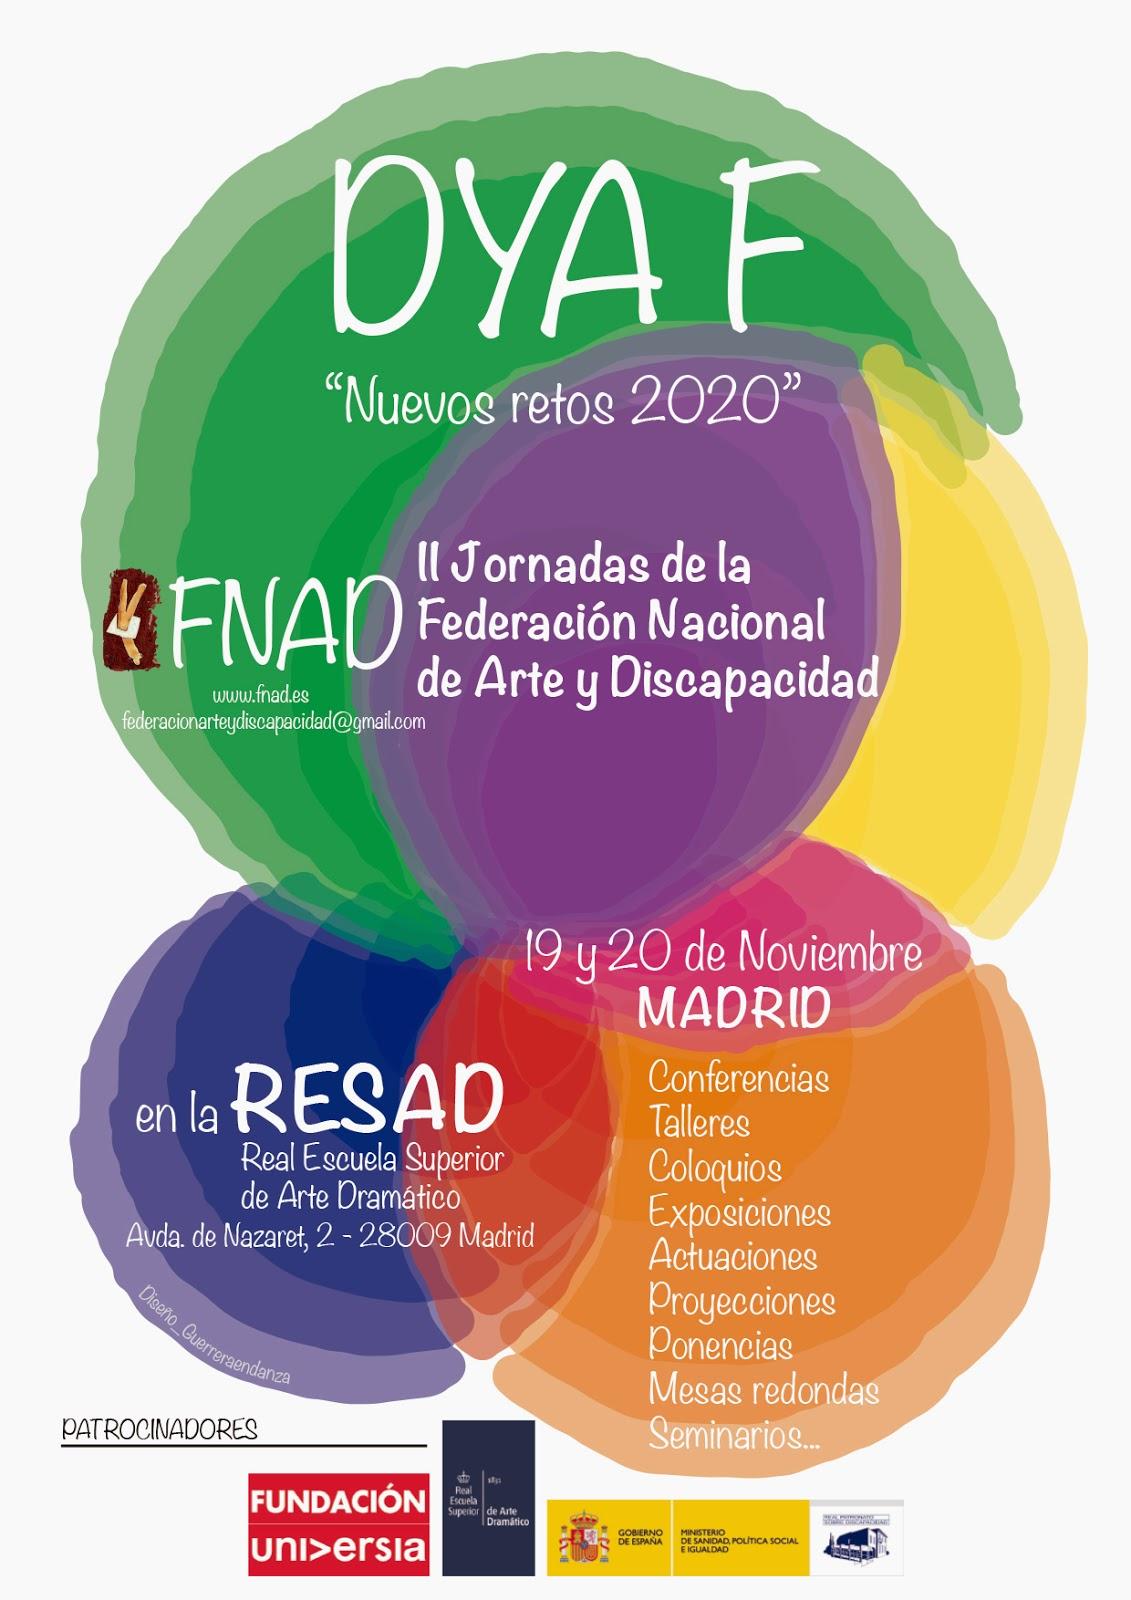 www.fnad.es